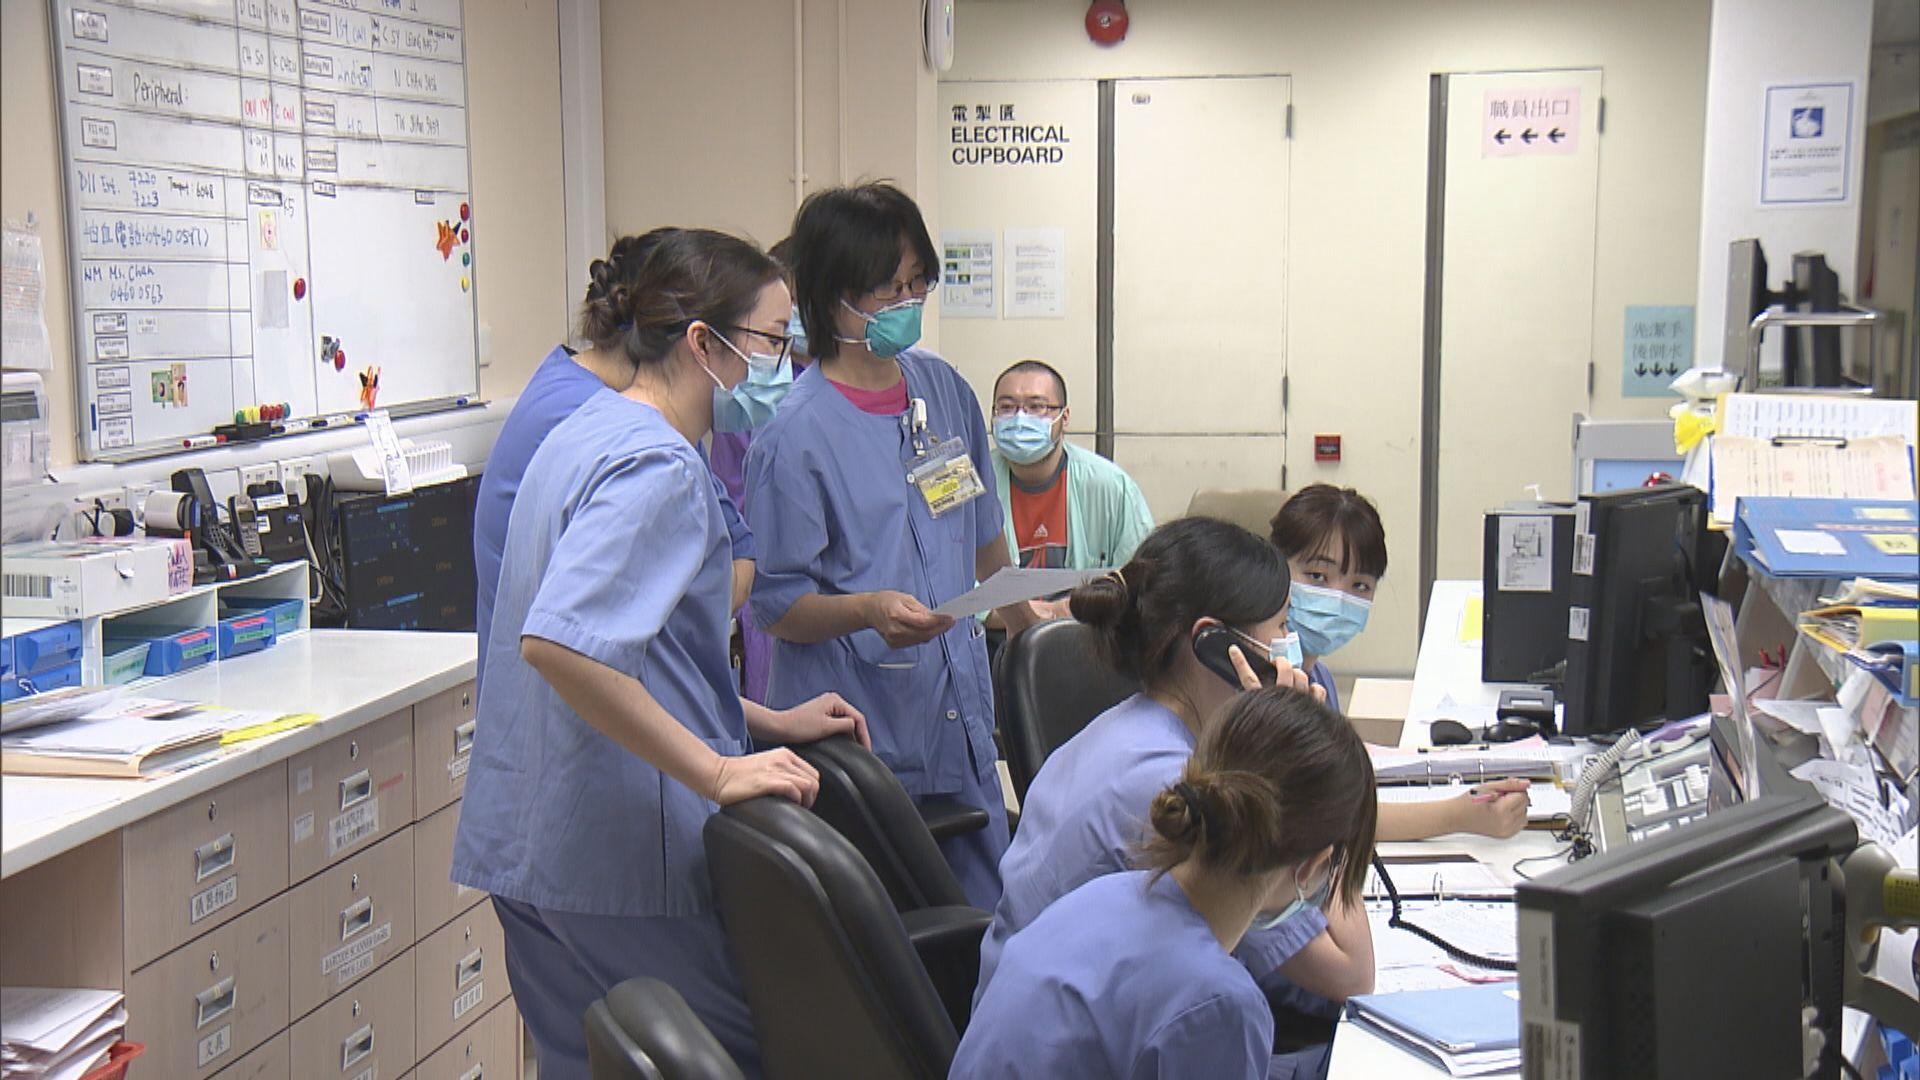 調查指過半受訪醫護人員認為前線裝備不足